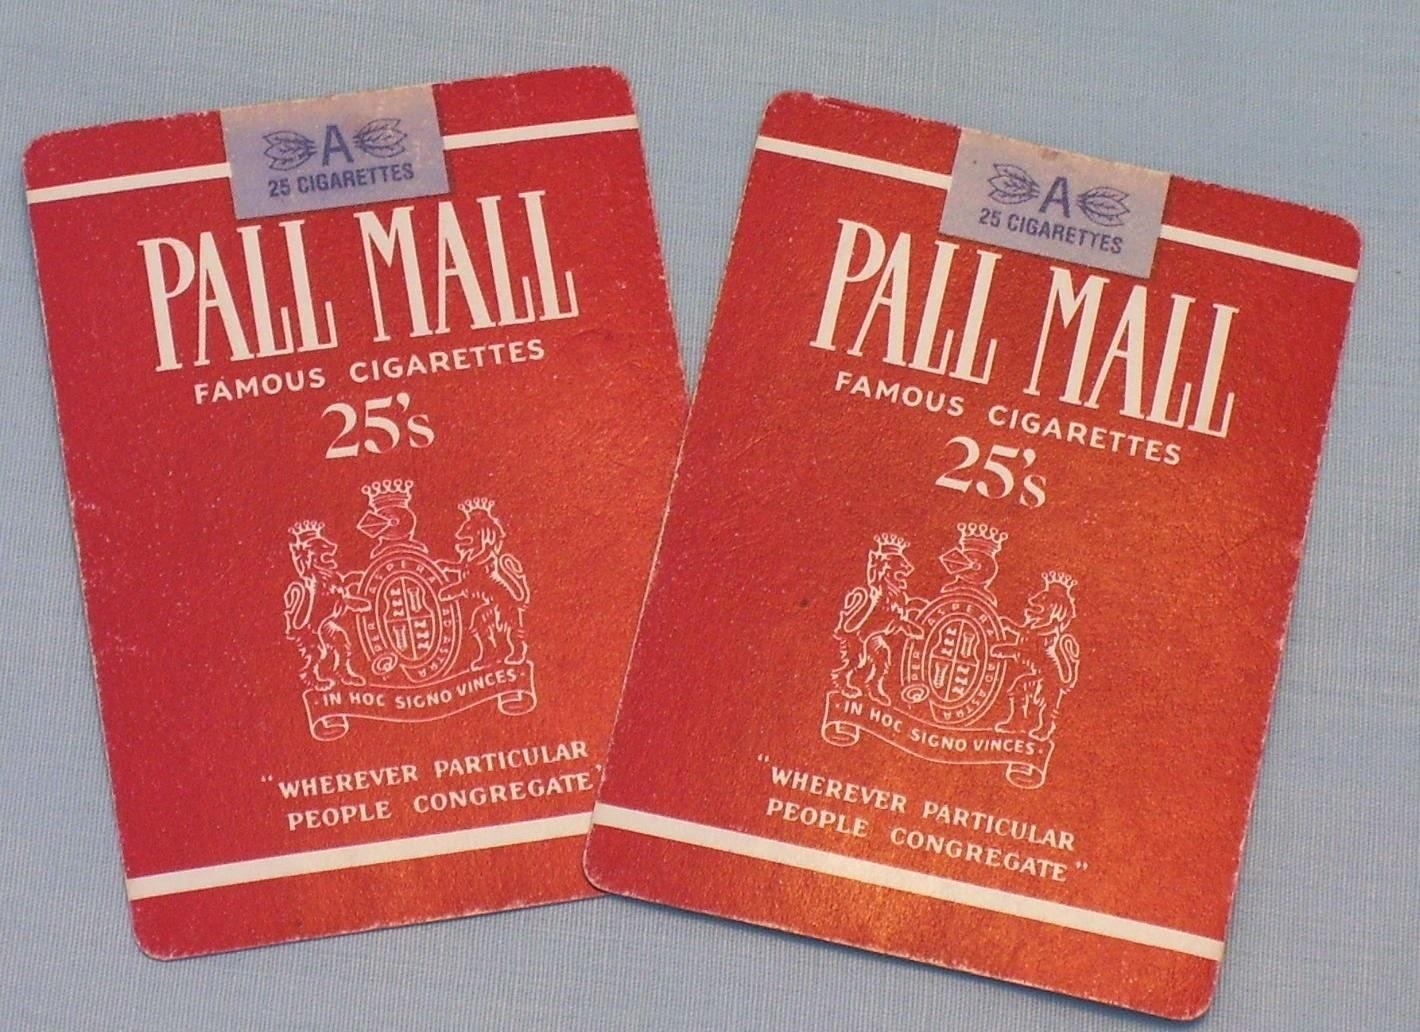 Pall Mall Cigarette Coupons Printable 2018 : Knotts Scary Farm Haunt - Free Printable Cigarette Coupons